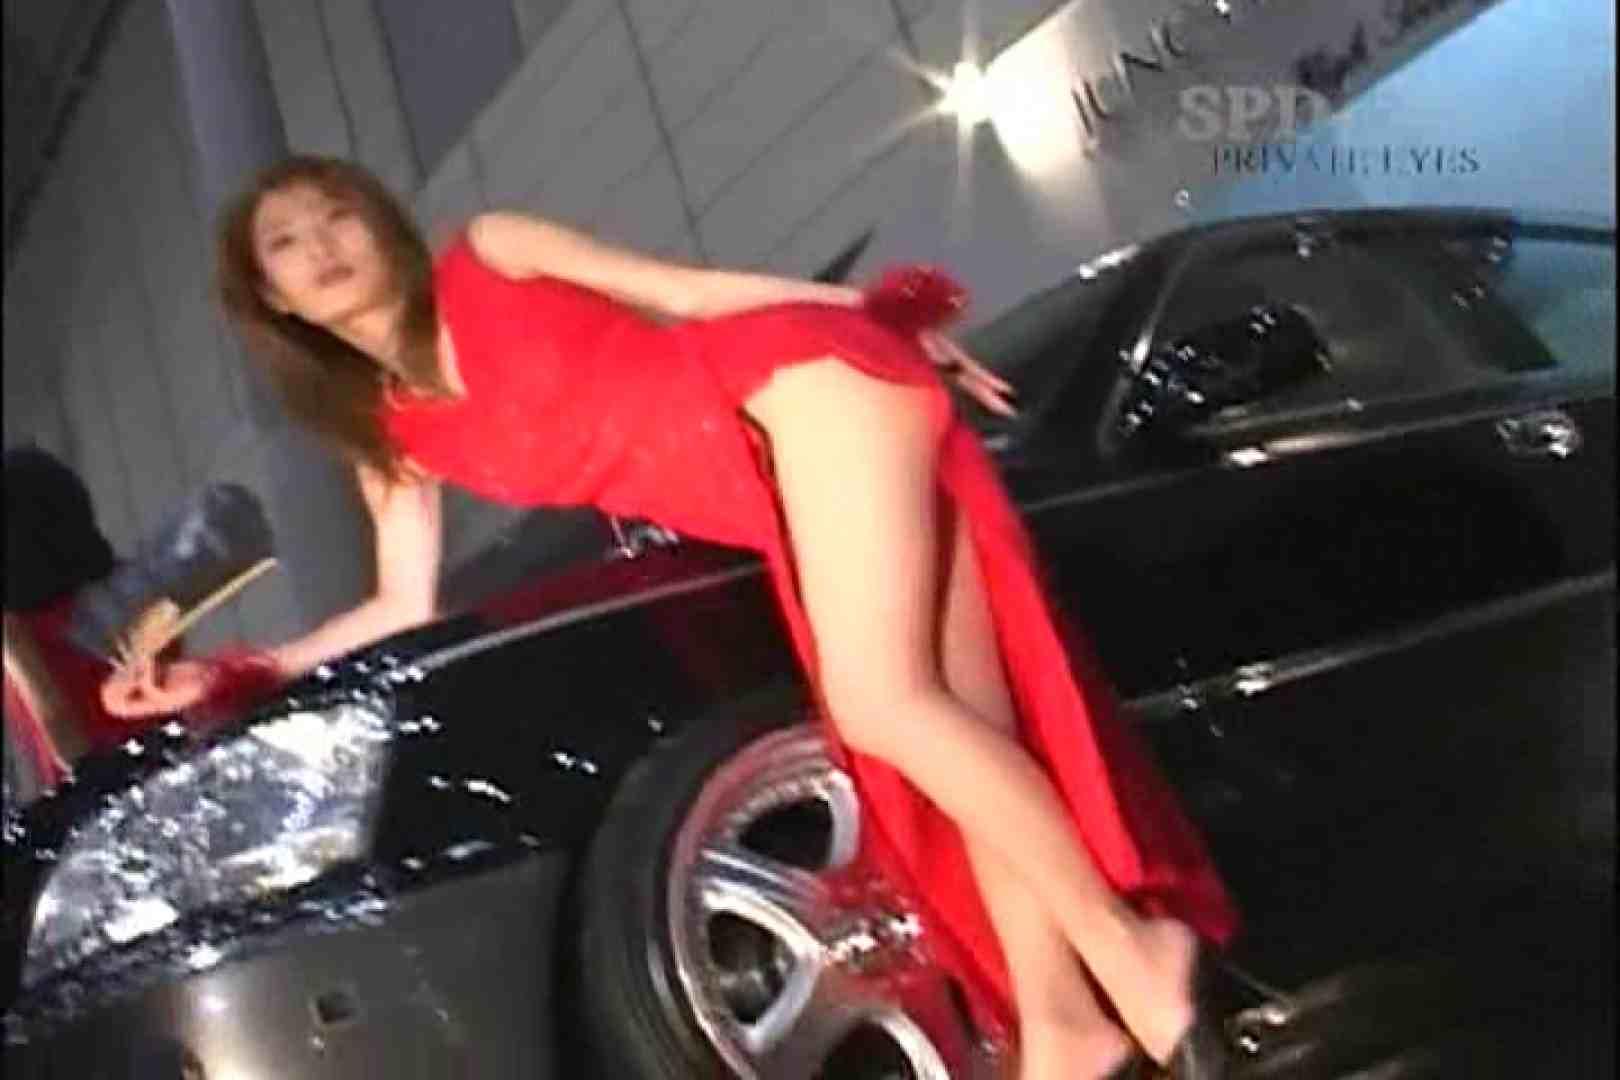 高画質版!SPD-013 ザ・コンパニオン 01 東京オートサロン2001 Vol.2 美しいOLの裸体  94pic 36